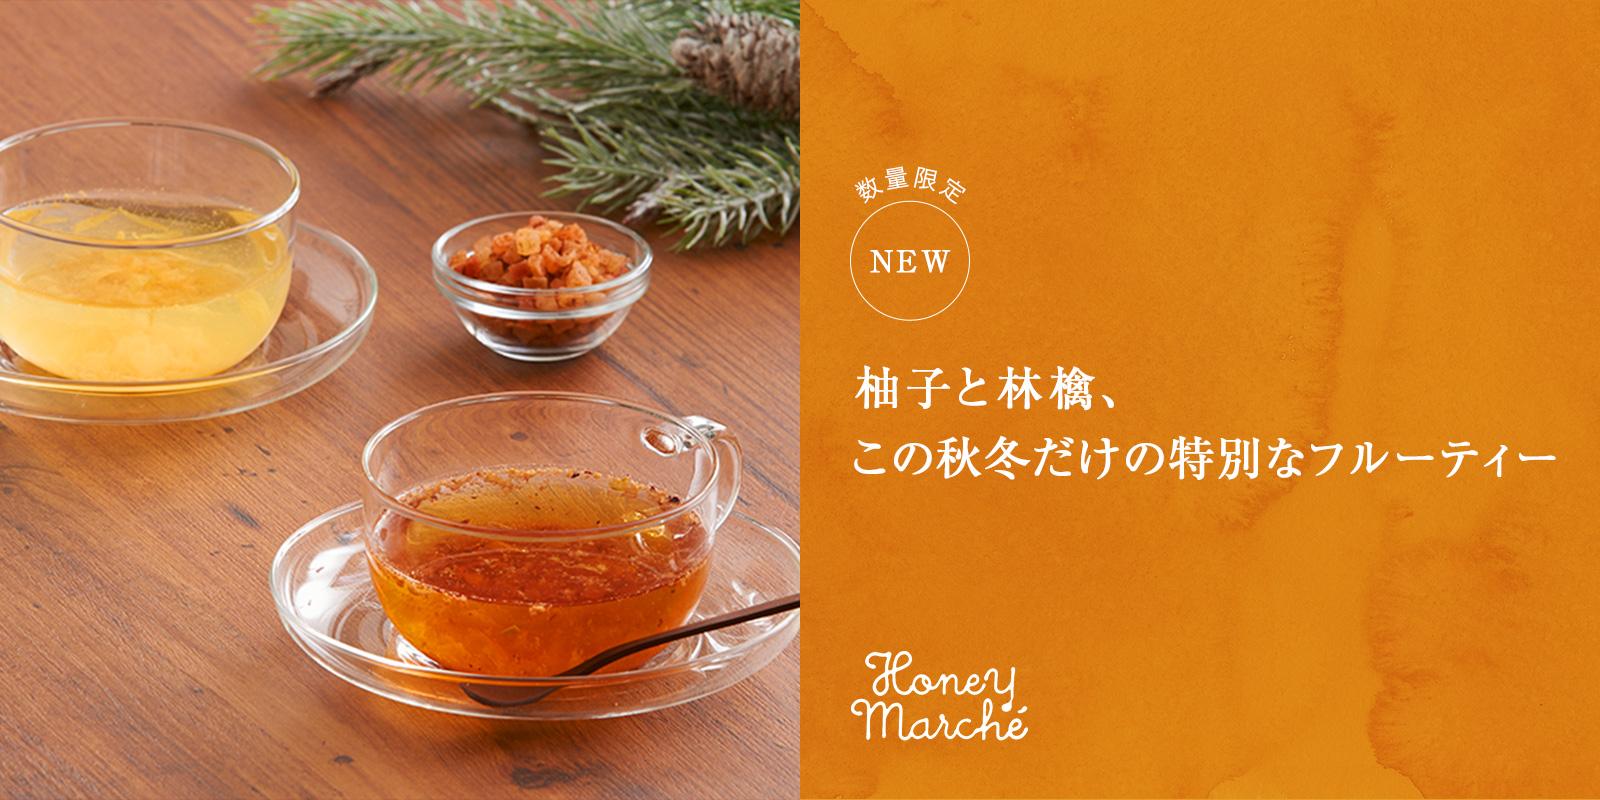 柚子と林檎、この秋冬だけの特別なフルーティー